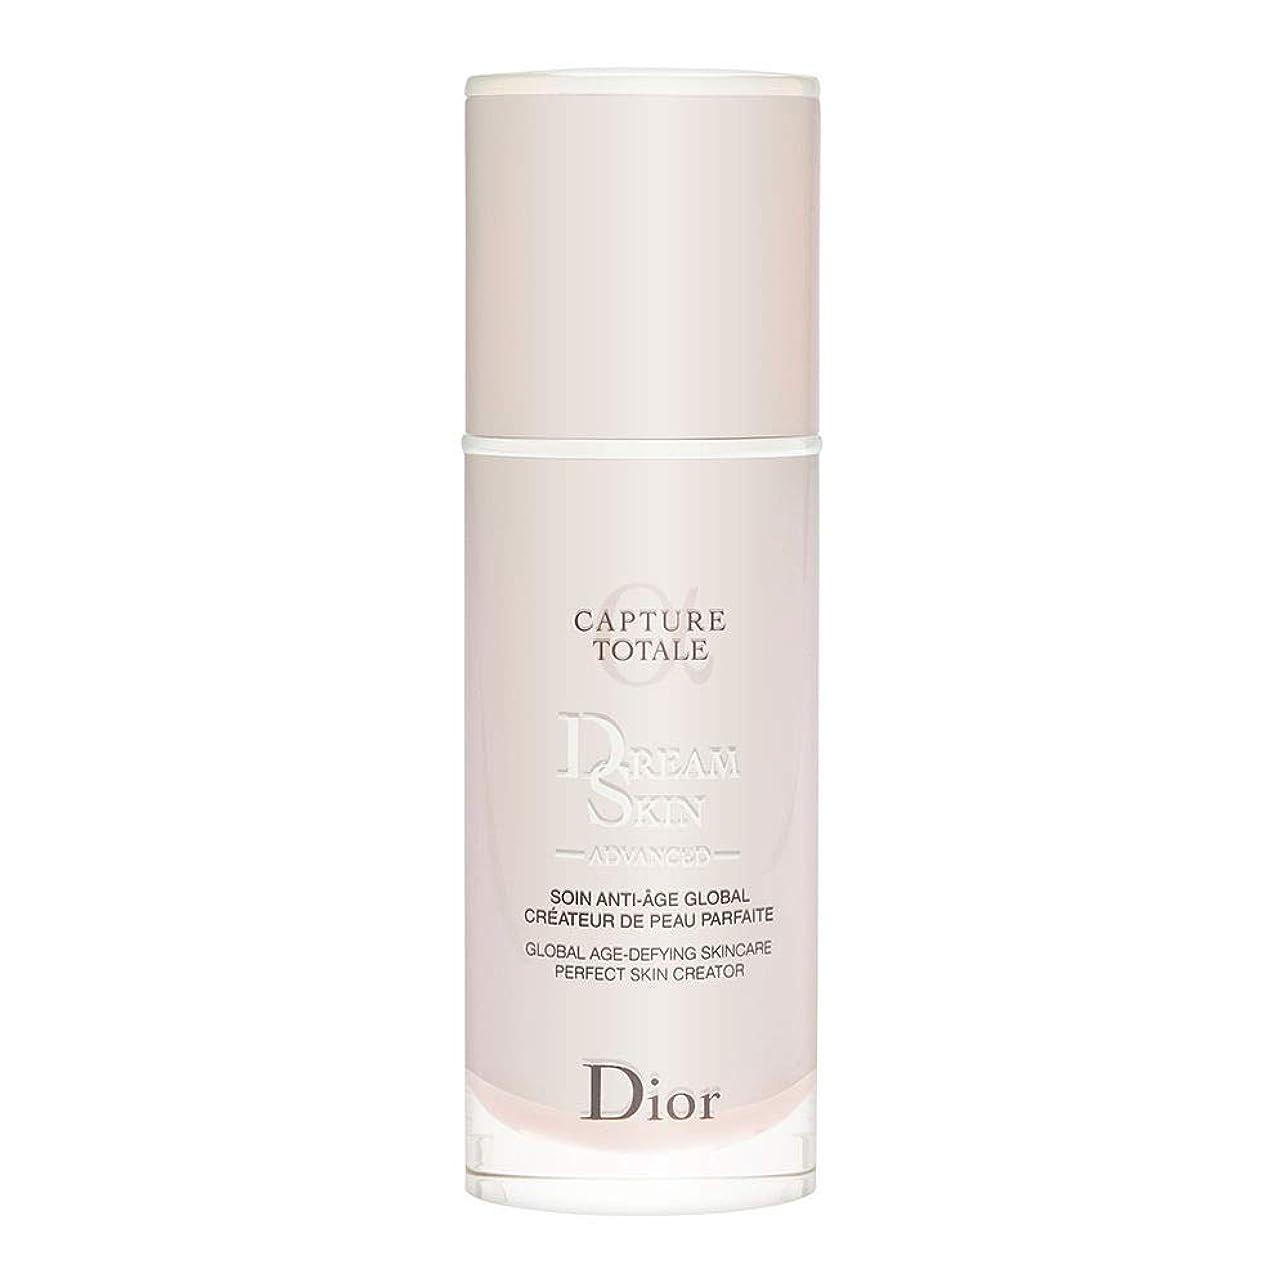 アーティキュレーション溶接リアルクリスチャン ディオール(Christian Dior) カプチュール トータル ドリームスキン アドバンスト 50ml[並行輸入品]